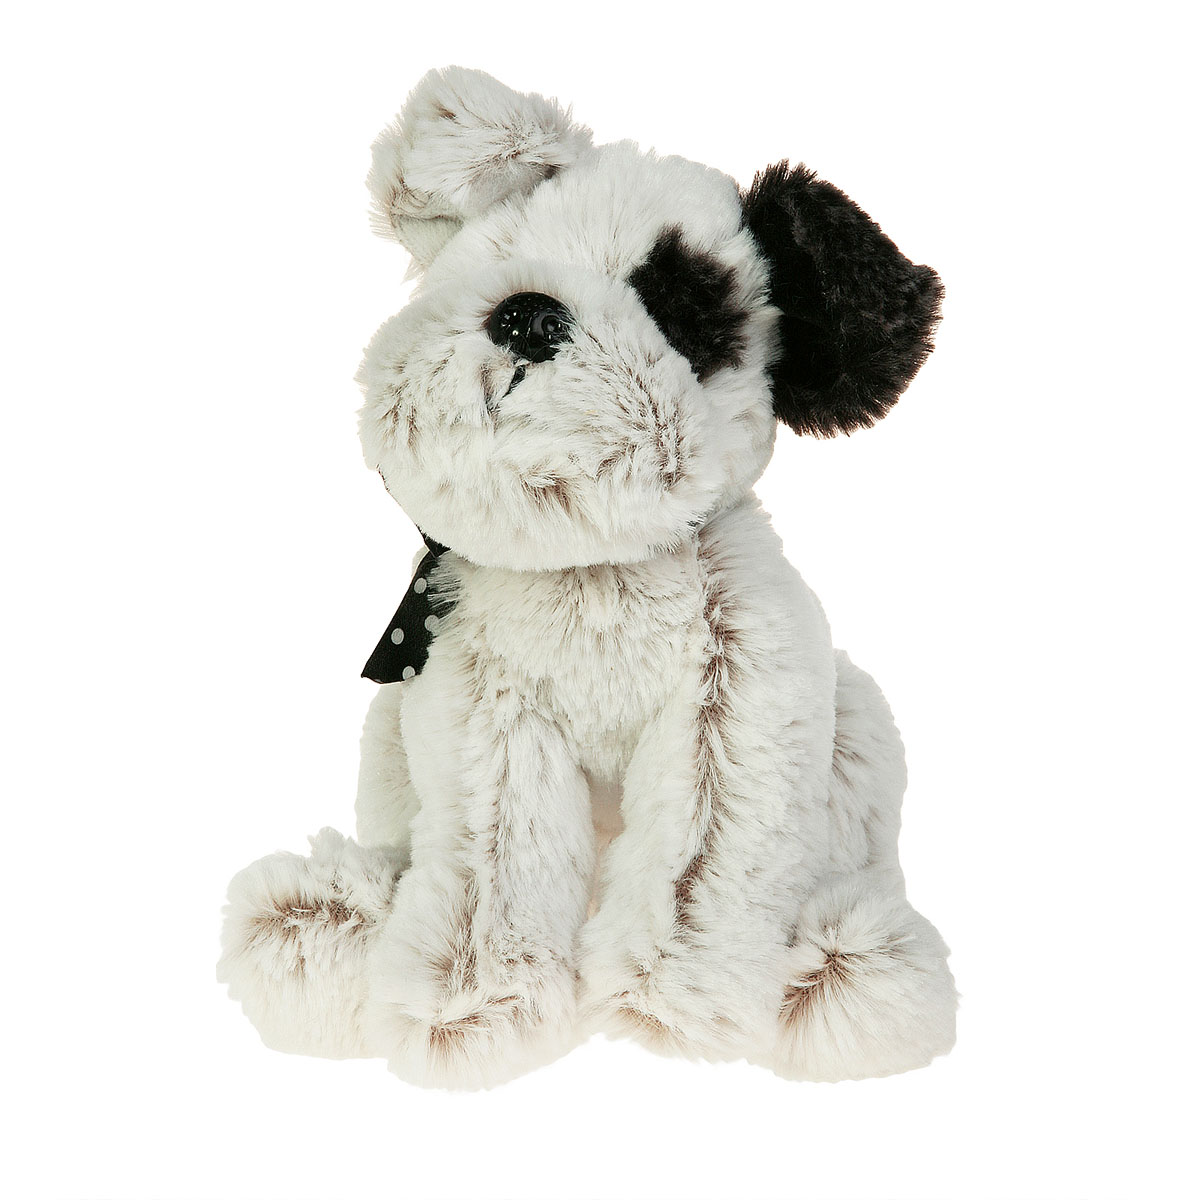 Купить 41-1141C, Мягкая игрушка Button Blue , Собака Джек, 26 см, Button Blue мягкая игрушка (shop: GulliverMarket Gulliver Market)